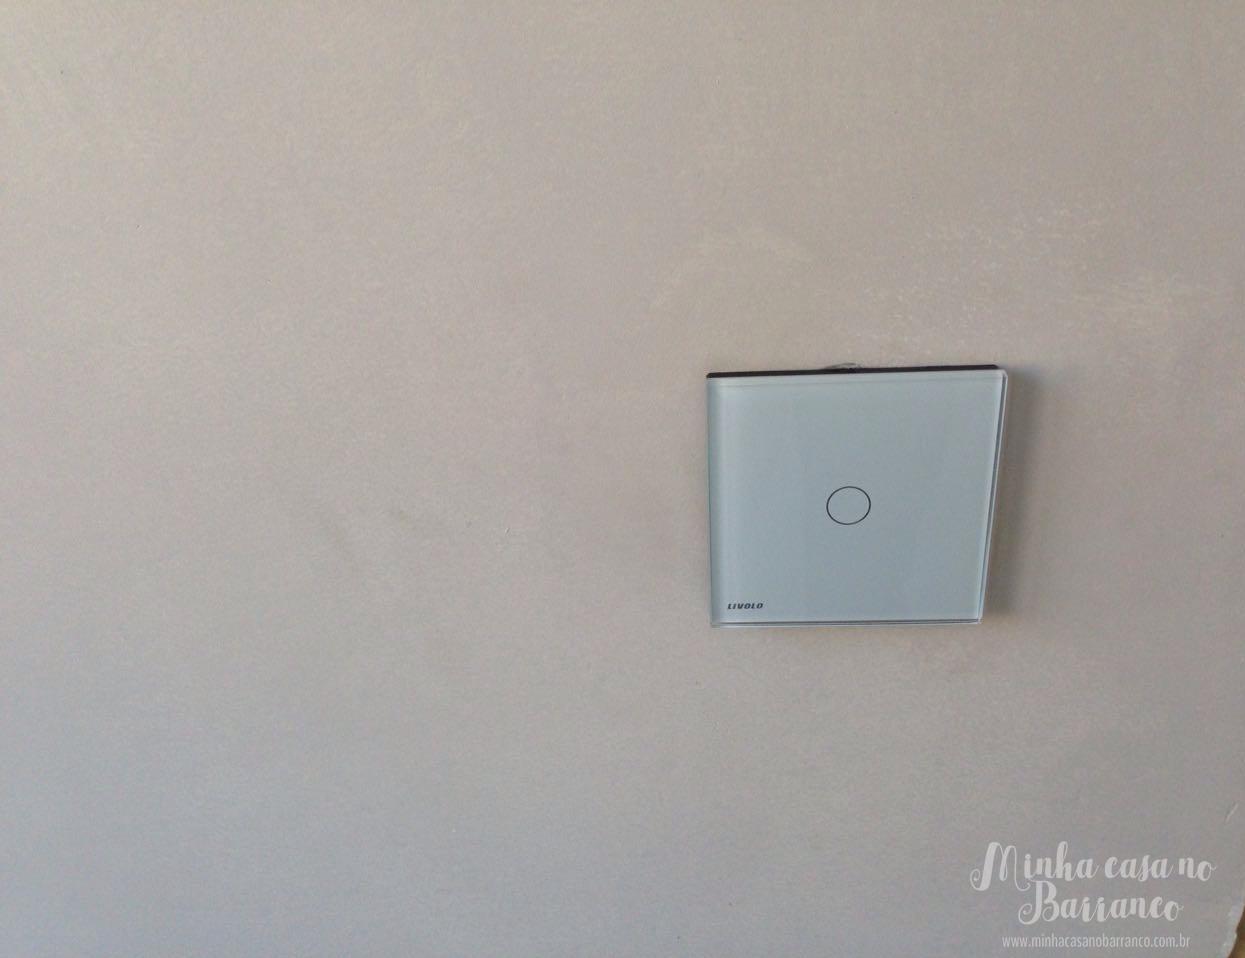 Imagens de #5D4936 Interruptores e Tomadas Livolo 1245x958 px 2776 Box Banheiro Nh